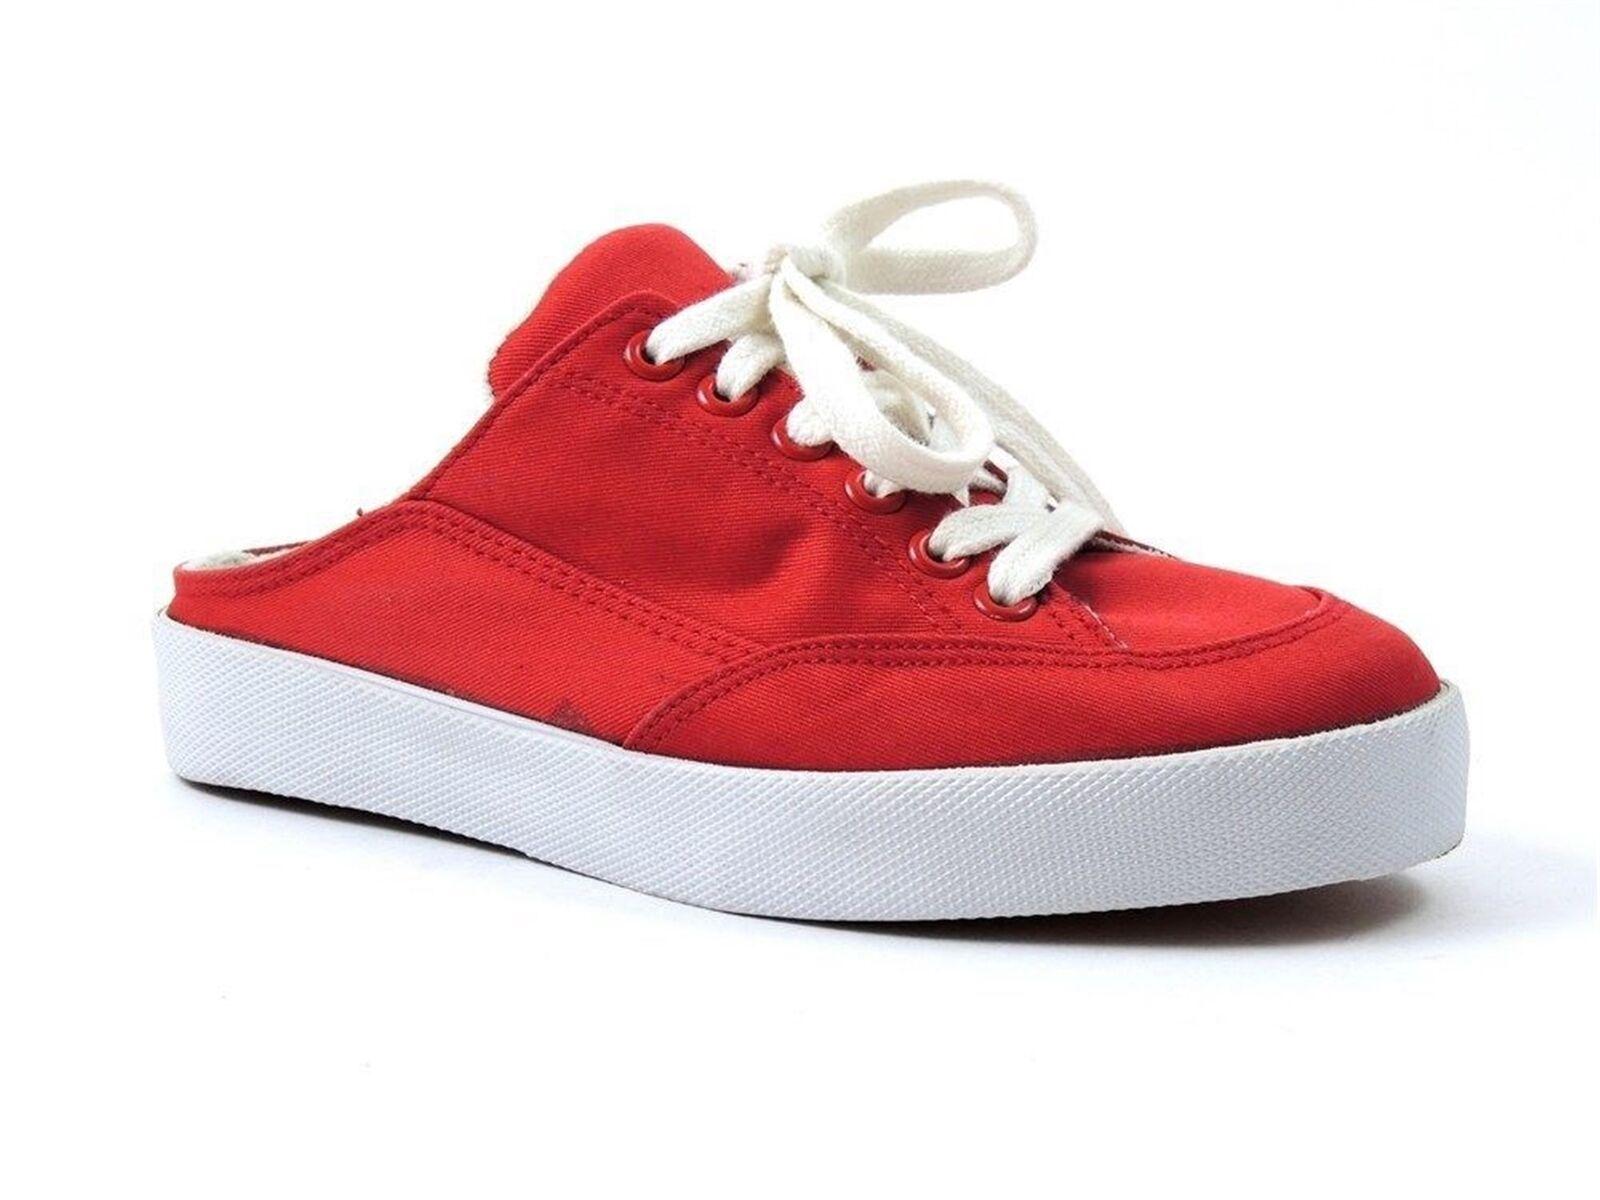 Easy Spirit Women's Shelby Sneaker-Inspired Slides Red Size 5 M